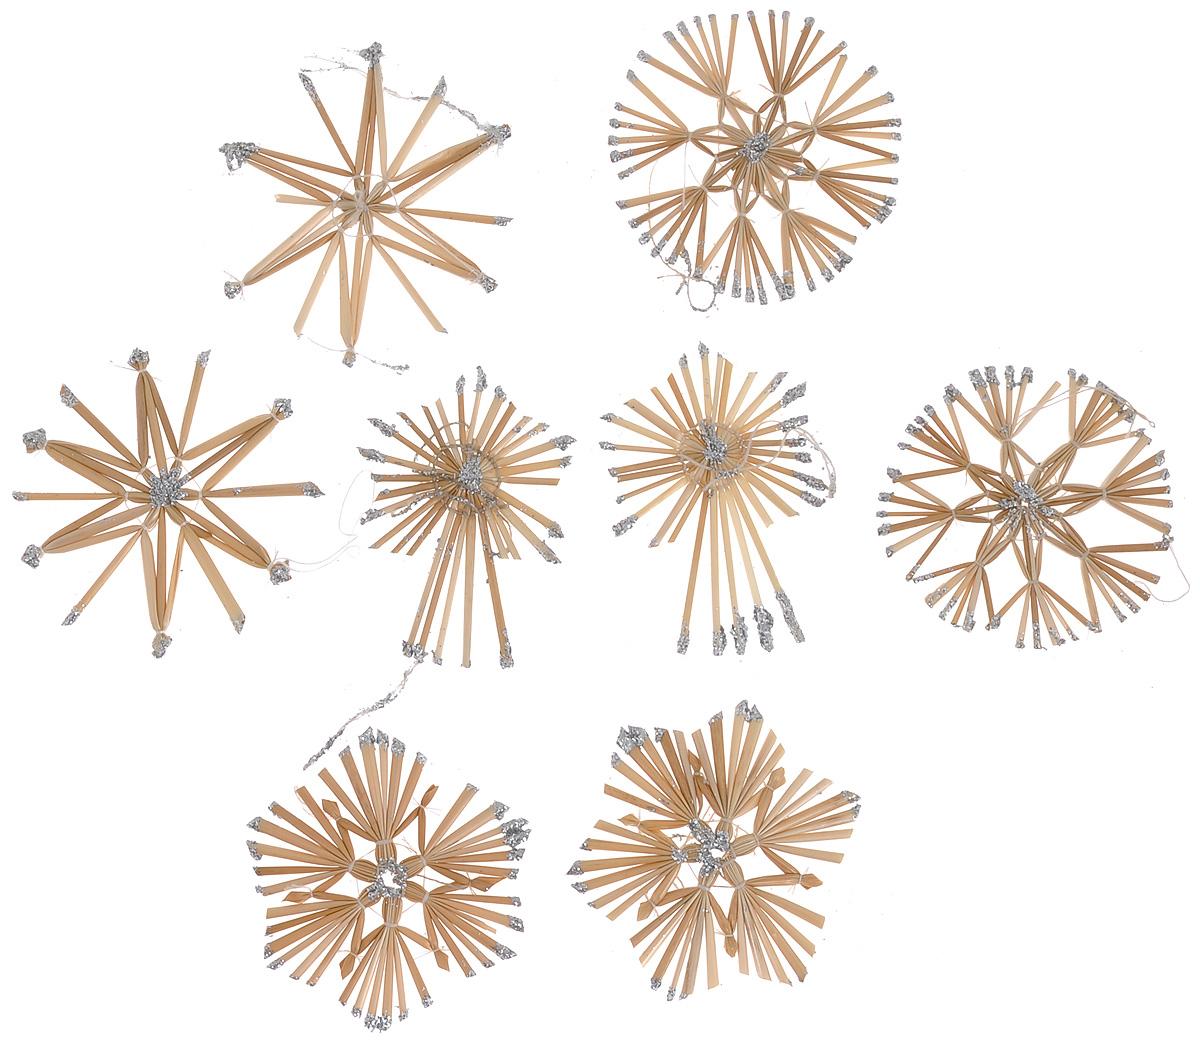 Набор новогодних подвесных украшений Феникс-презент Magic Time, цвет: серебряный, светло-коричневый, 8 штRSP-202SНабор Феникс-презент Magic Time, состоящий из 8 новогодних подвесных украшений, отлично подойдет для декорации вашего дома и новогодней ели. Изделиявыполнены из соломы в виде снежинок и звезд, оформленных блестками. Украшения имеют специальные петельки для подвешивания. Коллекция декоративных украшений Феникс-презент Magic Time принесет в ваш дом ни с чем не сравнимое ощущение праздника!Средний размер украшения: 8,5 см х 8,5 см.